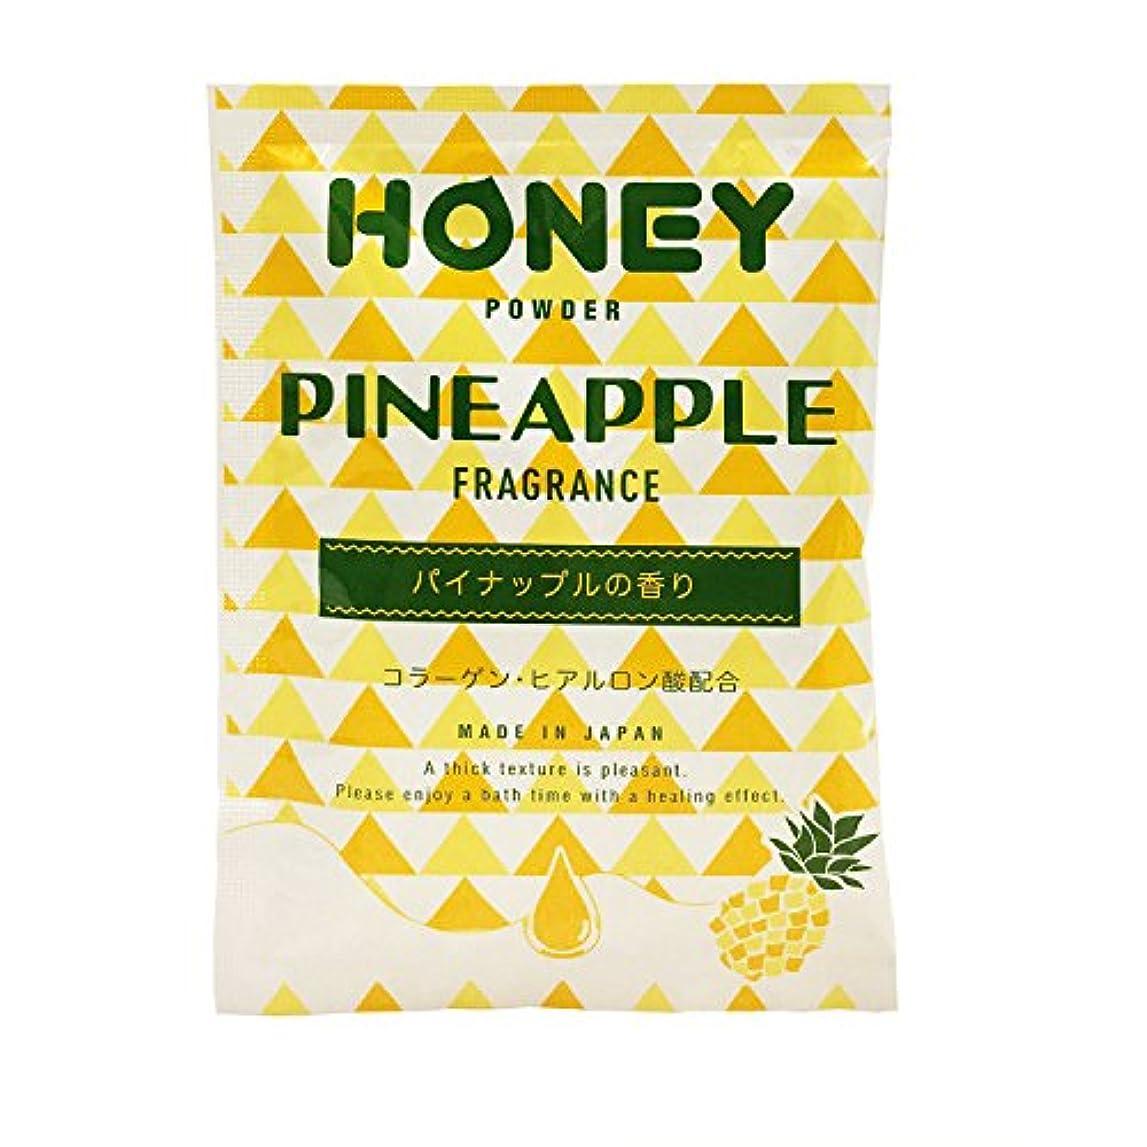 肝植物学法令とろとろ入浴剤【honey powder】(ハニーパウダー) 2個セット パイナップルの香り 粉末タイプ ローション